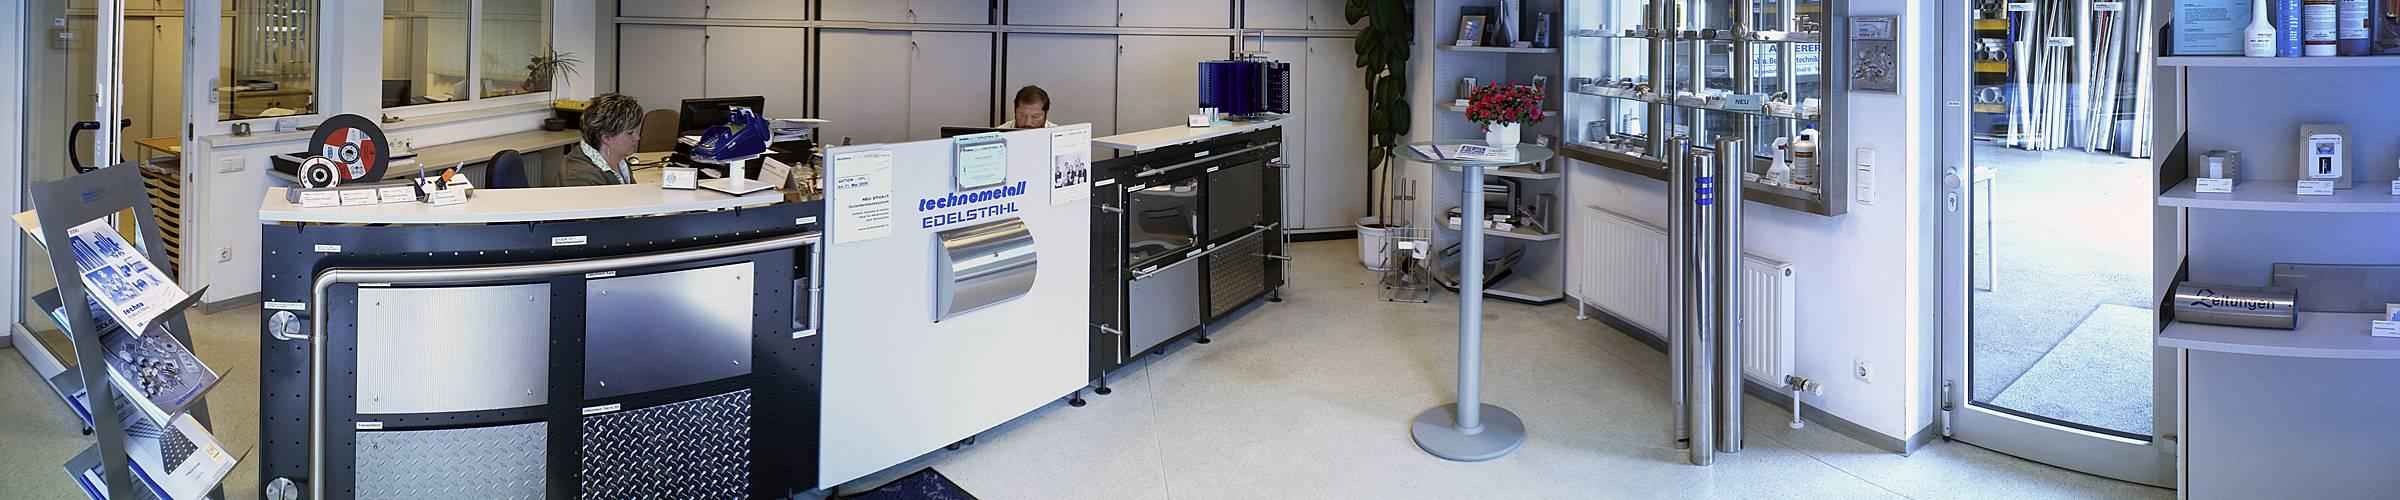 Service von technometall EDELSTAHL GmbH & Co KG in Weis, Österreich